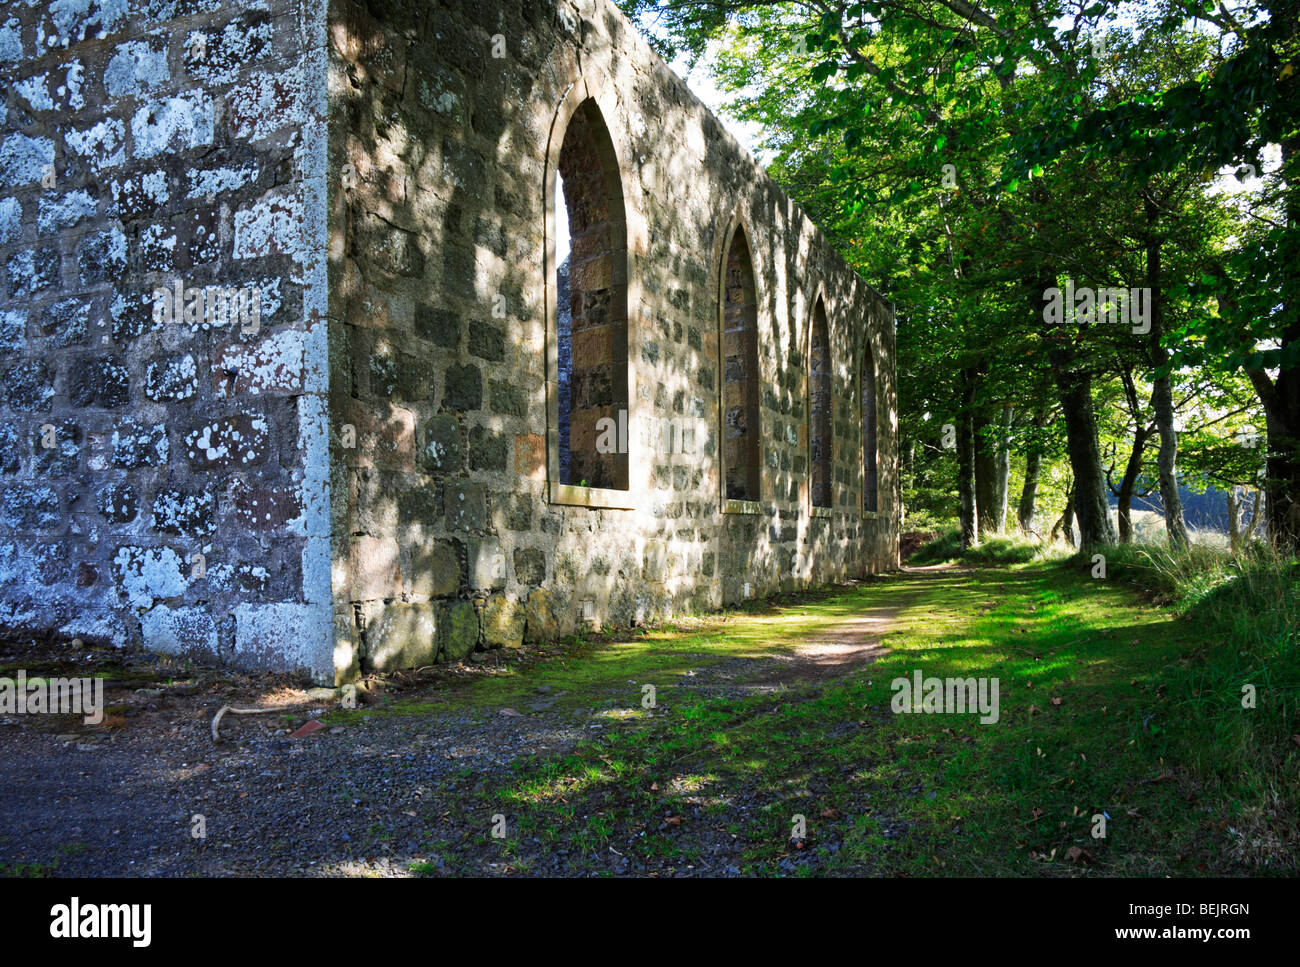 Kildrummy Castle | Public Body for Scotland's Historic ...